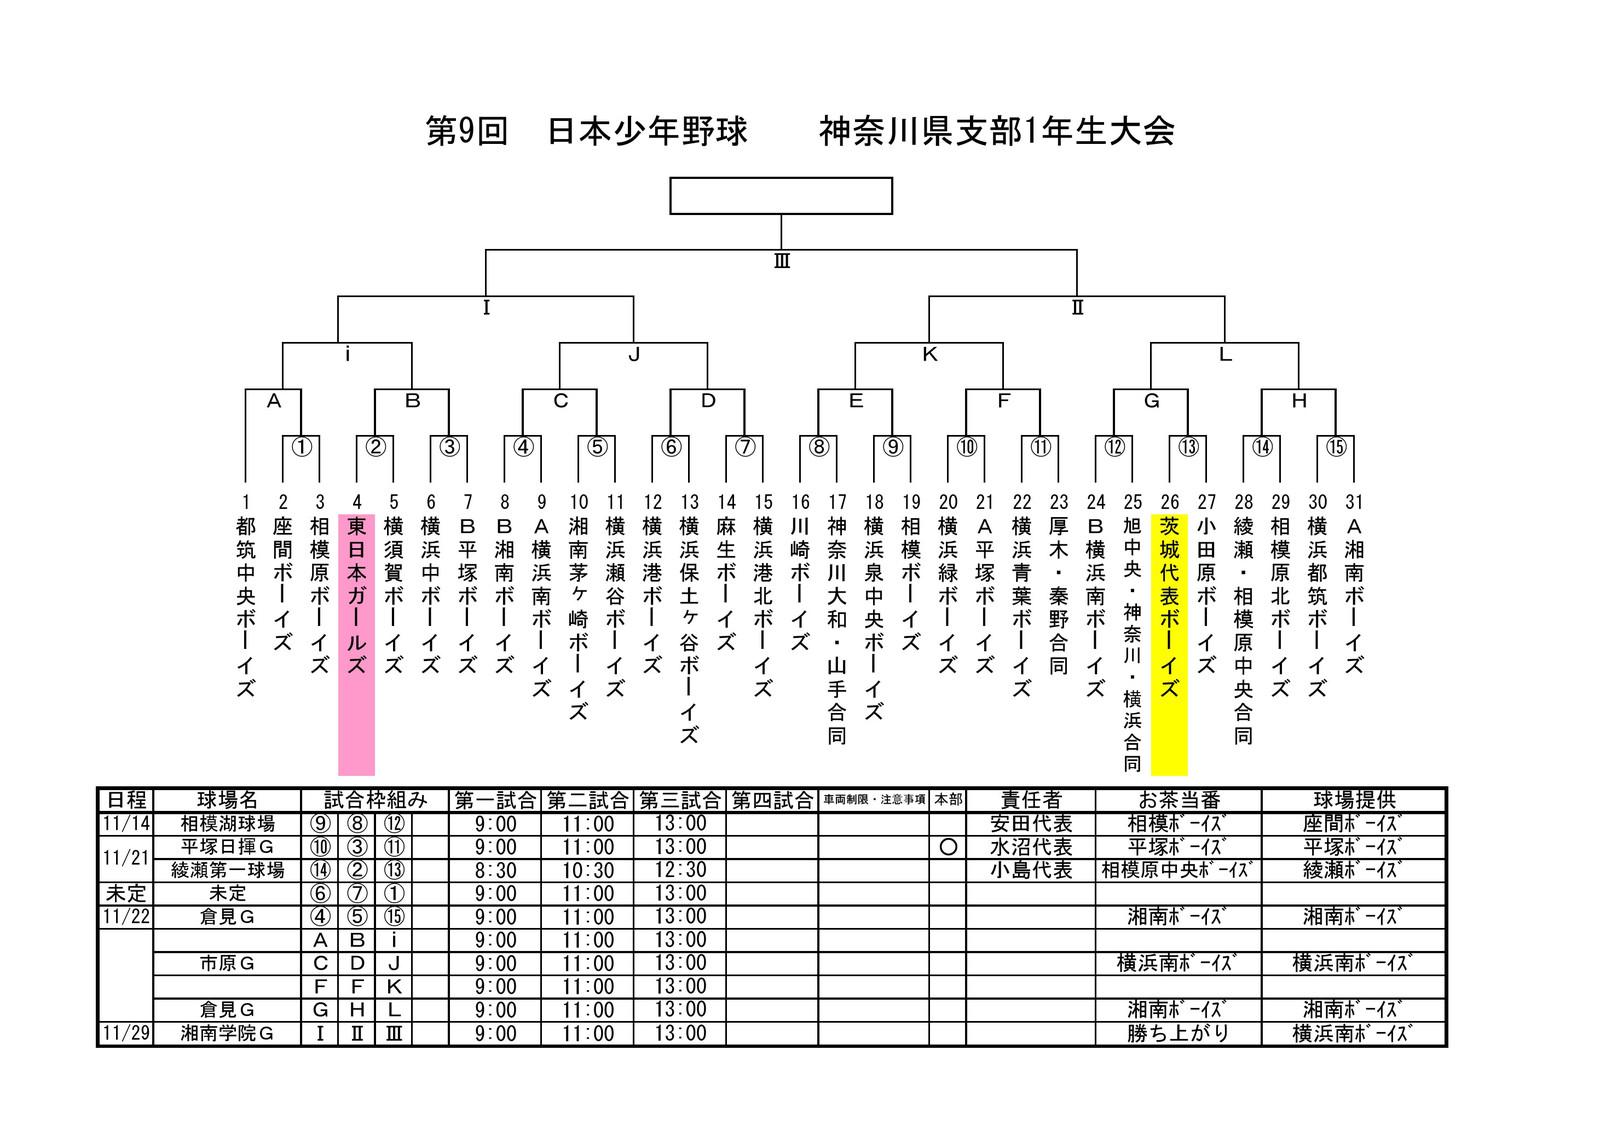 20151110_1nen_kanagawa